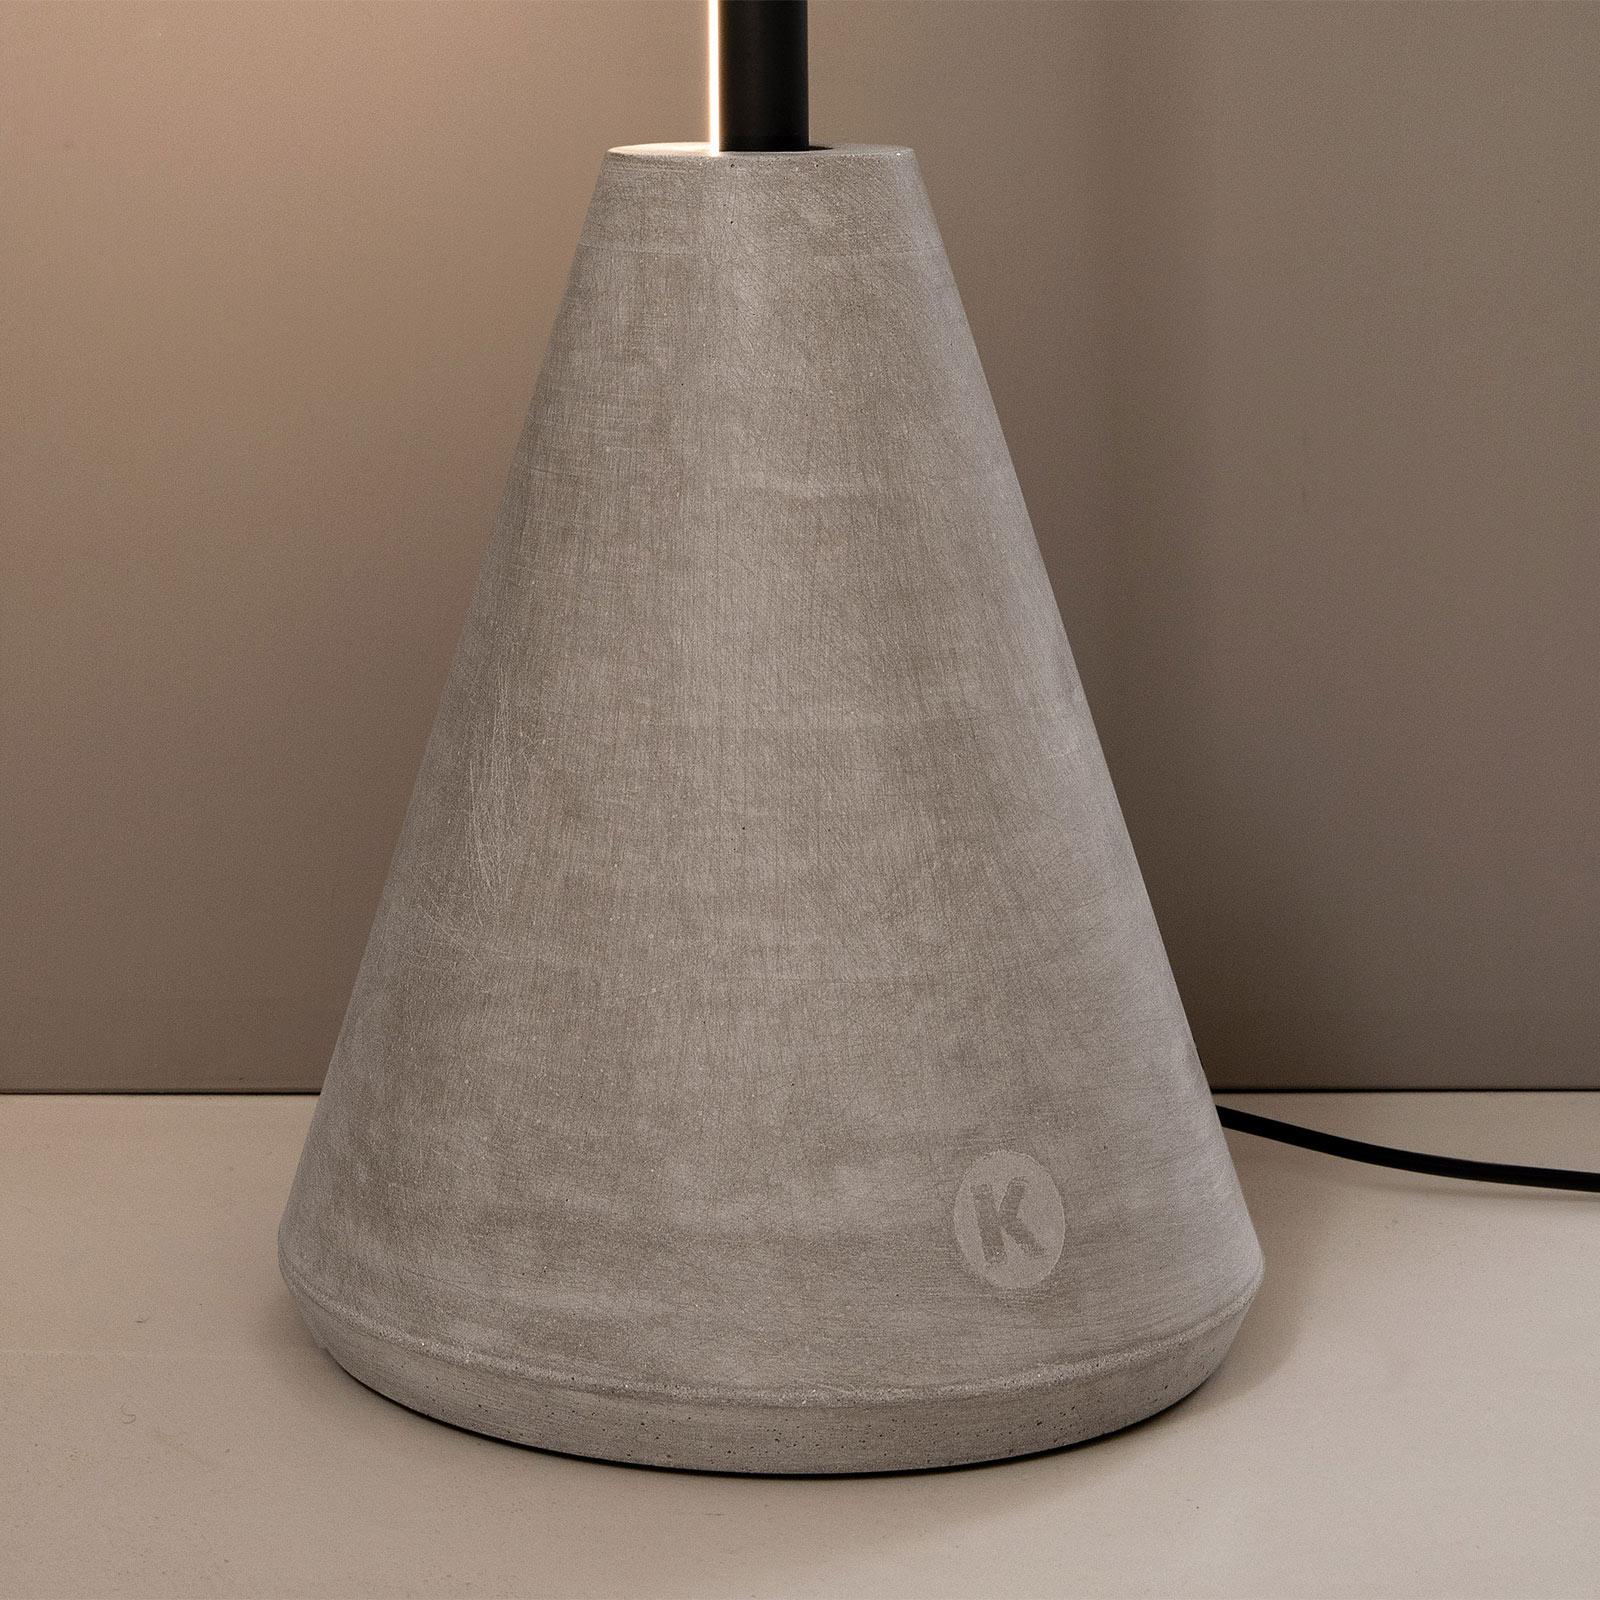 Karman Cupido abat-jour pour lampadaire LED